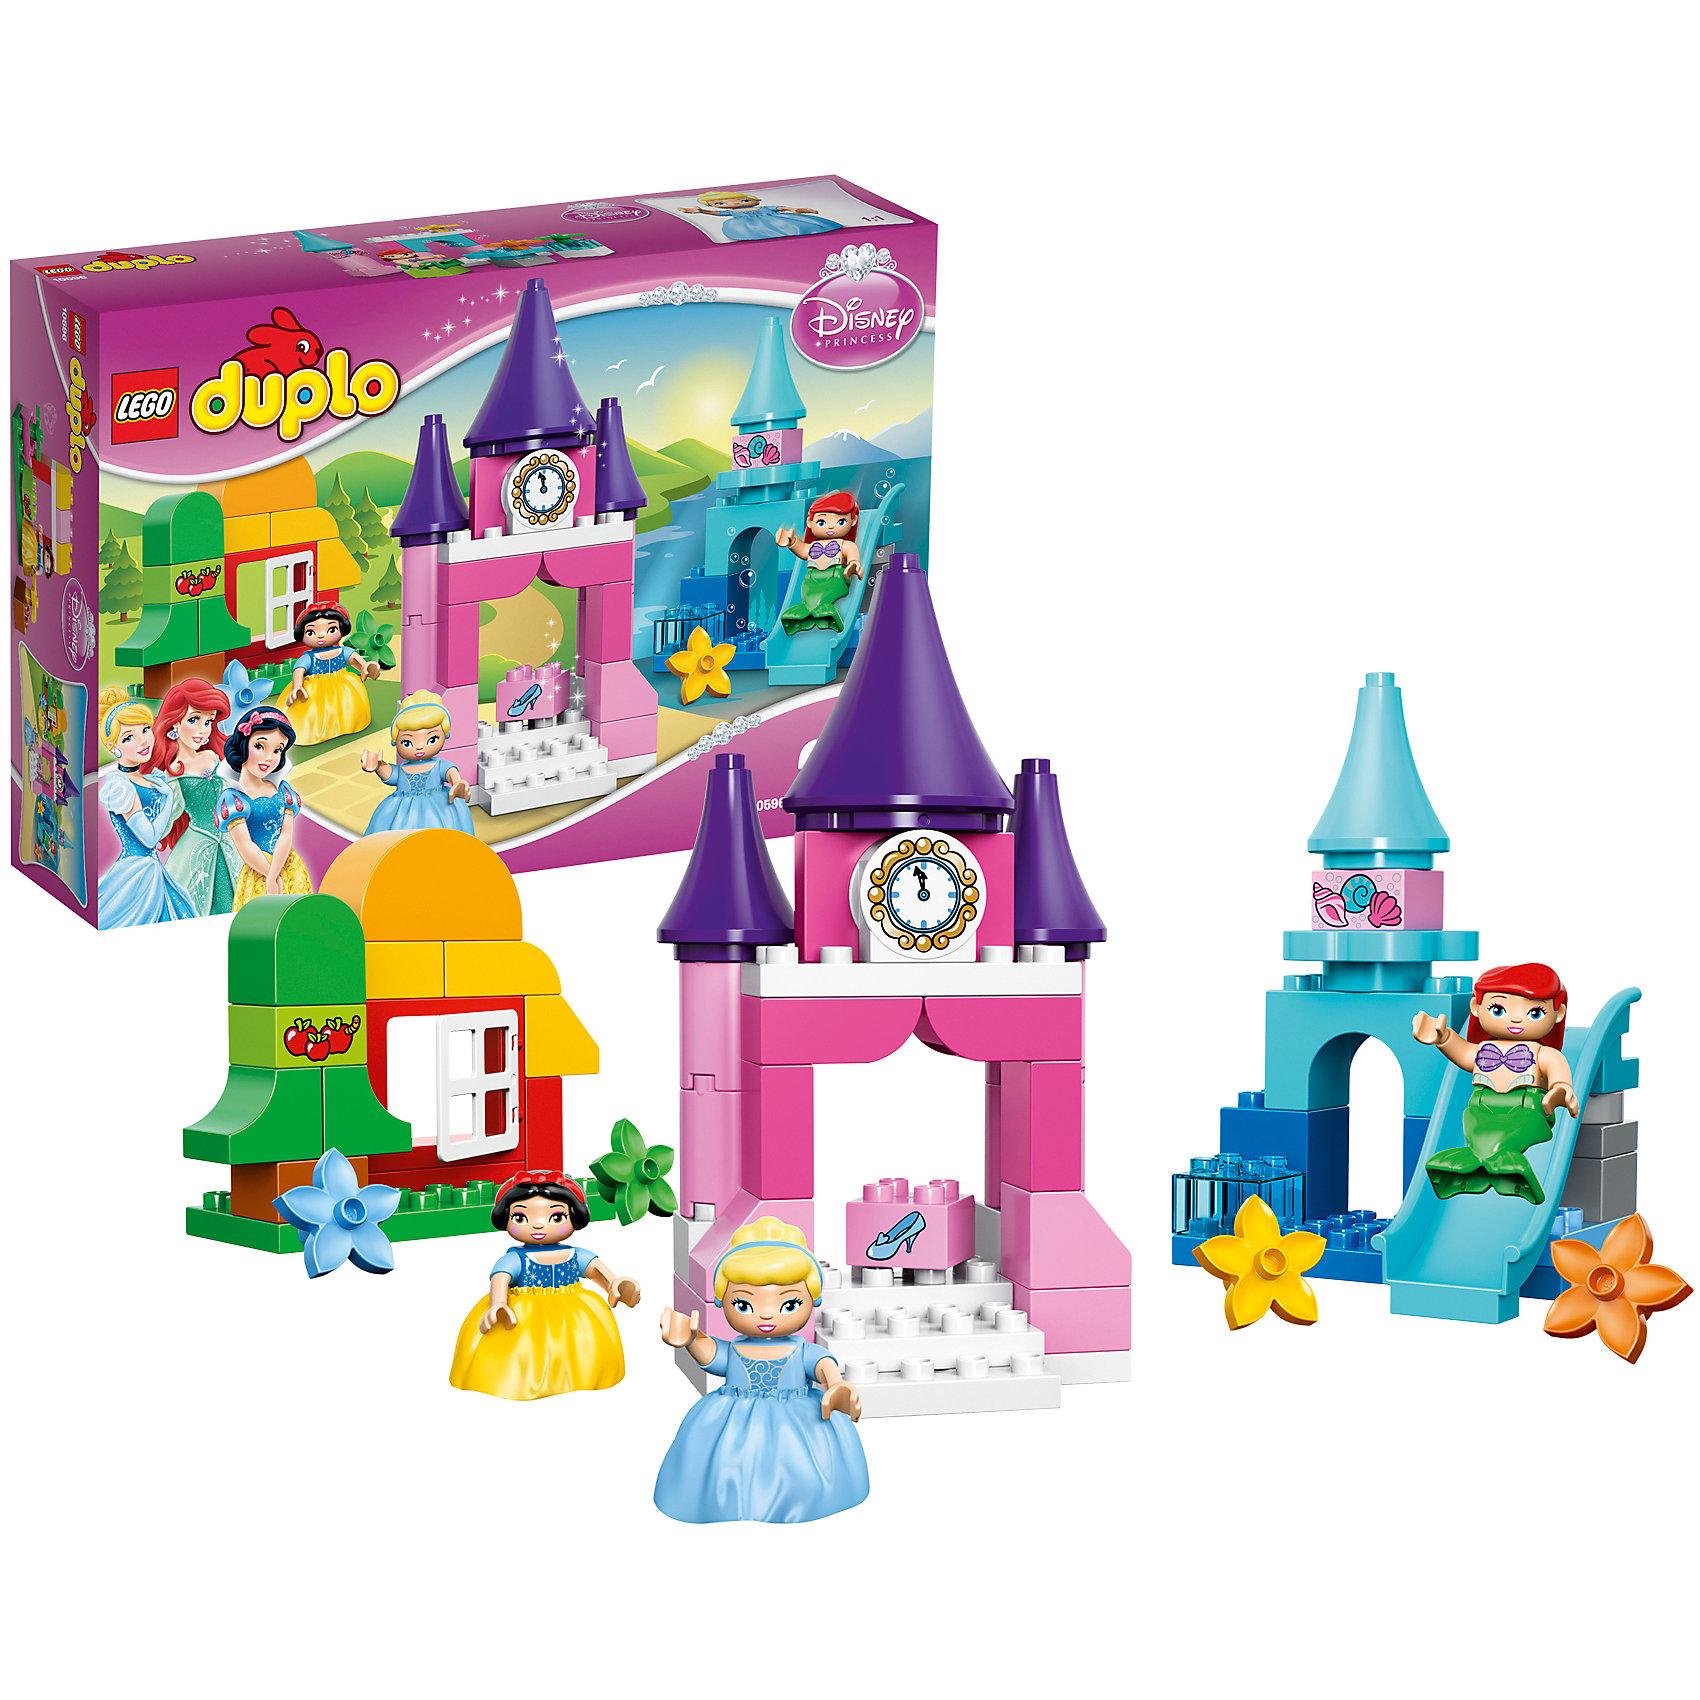 LEGO DUPLO 10596: Коллекция «Принцесса Диснея»Ни одна малышка не останется равнодушной к конструктору LEGO DUPLO (ЛЕГО Дупло) 10596: Коллекция «Принцесса Диснея». В набор входят фигурки трех самых популярных и любимых принцесс Диснея – Золушки, Ариэль и Белоснежки. Каждая из них живет в своем оригинальном доме с добавлением тематических аксессуаров. Белоснежка обитает в лесной хижине, окруженной яблоней и цветами; Ариэль катается с горки около ее подводного дворца; Золушка бежит с бала и роняет свою хрустальную туфельку. Все детали  конструктора взаимозаменяемые, благодаря чему можно создавать что-то новое, включив свою фантазию и мастерство. Можно построить сразу три отдельных домика или один большой замок, где они смогут устраивать балы или просто весело проводить время.<br><br>Конструкторы LEGO DUPLO (ЛЕГО ДУПЛО), предназначенные для детей дошкольного возраста, сочетают игру и обучение, а также развивают мелкую моторику, пространственное мышление и творческие способности малышей и дошкольников. Кубики LEGO DUPLO (ЛЕГО ДУПЛО) в 8 раз больше, чем обычные кубики, что позволяет ребенку удобно их держать и быстро строить. Большое количество дополнительных элементов делает игровые сюжеты по-настоящему захватывающими и реалистичными. Все наборы ЛЕГО ДУПЛО соответствуют самым высоким европейским стандартам качества и абсолютно безопасны. <br><br>Дополнительная информация:<br>-Размер упаковки: 38,2x26,2x9,4 см<br>-Размеры замка Золушки: 24 х 13 х 9 см<br>-Размеры  подводного дворца Ариэль: 19 х 13 х 11 см<br>-Размеры хижины Белоснежки: 13 х 14 х 6 см<br>-Вес: 0,86 кг<br>-Деталей: 63 шт. <br>-Материал: пластик<br>-Весь набор упакован в фирменную картонную коробку ЛЕГО<br><br>LEGO DUPLO (ЛЕГО Дупло) 10596: Коллекция «Принцесса Диснея» можно купить в нашем магазине.<br><br>Ширина мм: 386<br>Глубина мм: 264<br>Высота мм: 101<br>Вес г: 882<br>Возраст от месяцев: 24<br>Возраст до месяцев: 60<br>Пол: Женский<br>Возраст: Детский<br>SKU: 3786057